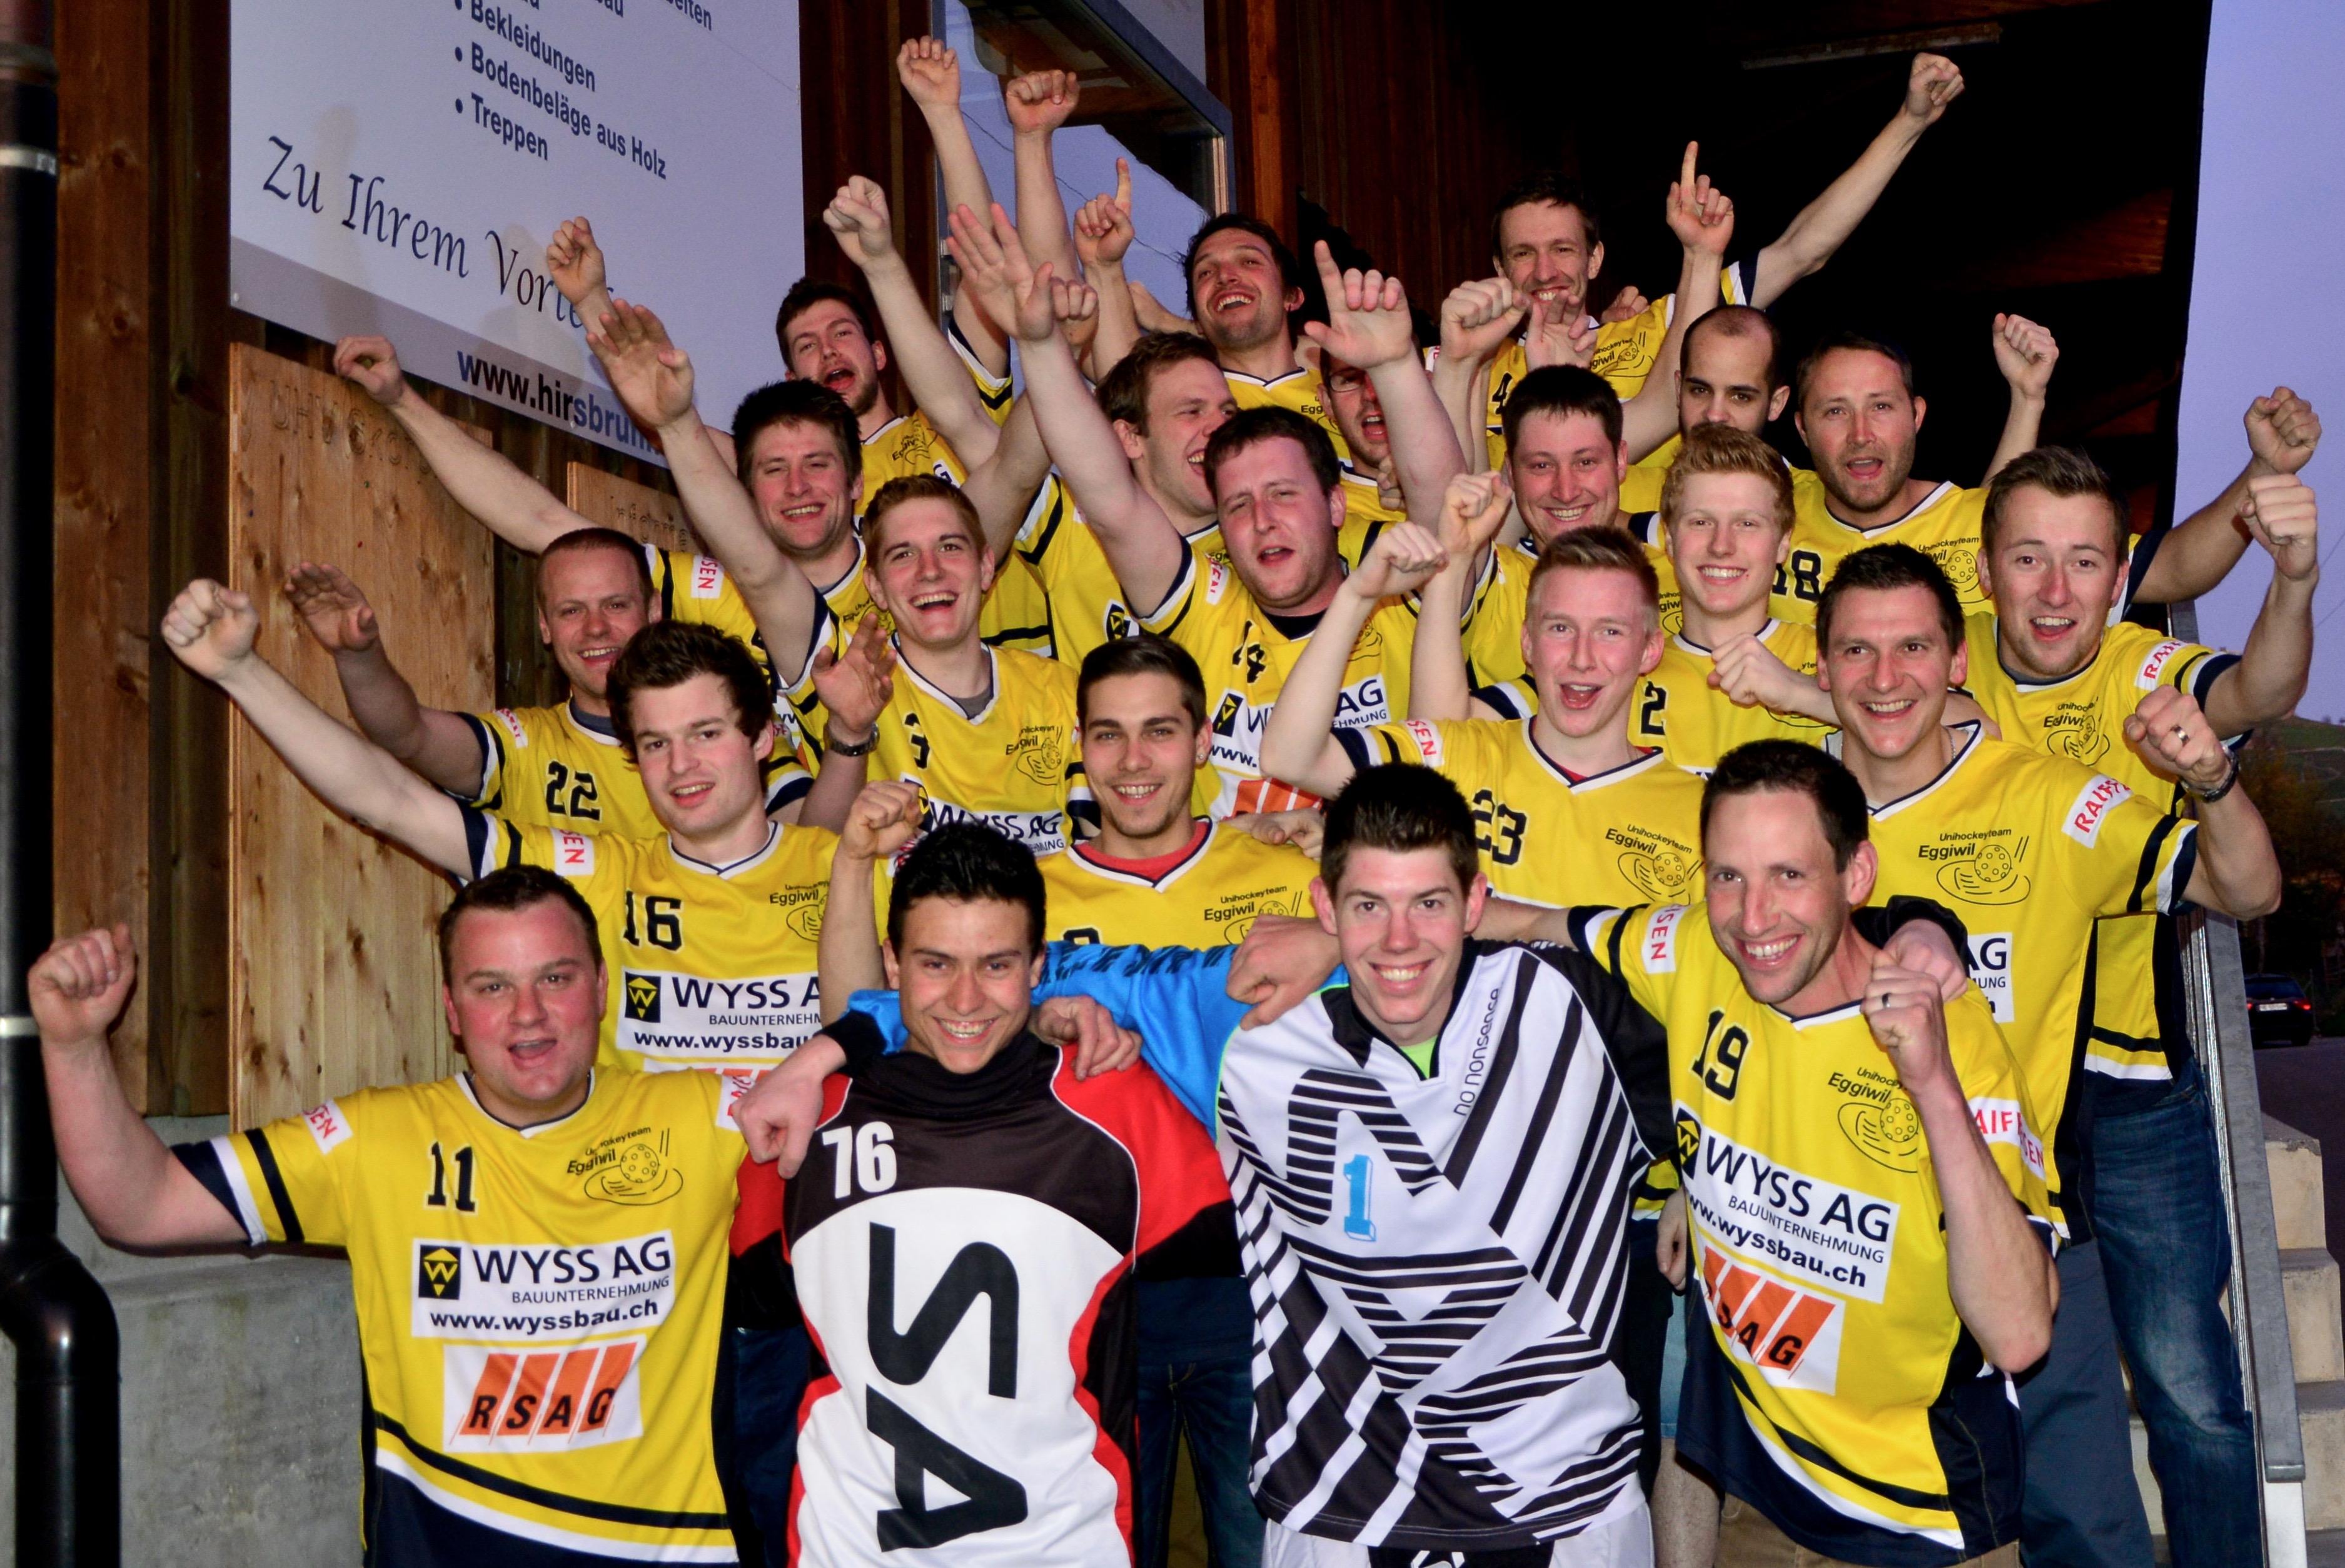 Verein - Apéro mit Herren II, U18 und Juniorinnen C Saison 2014/15